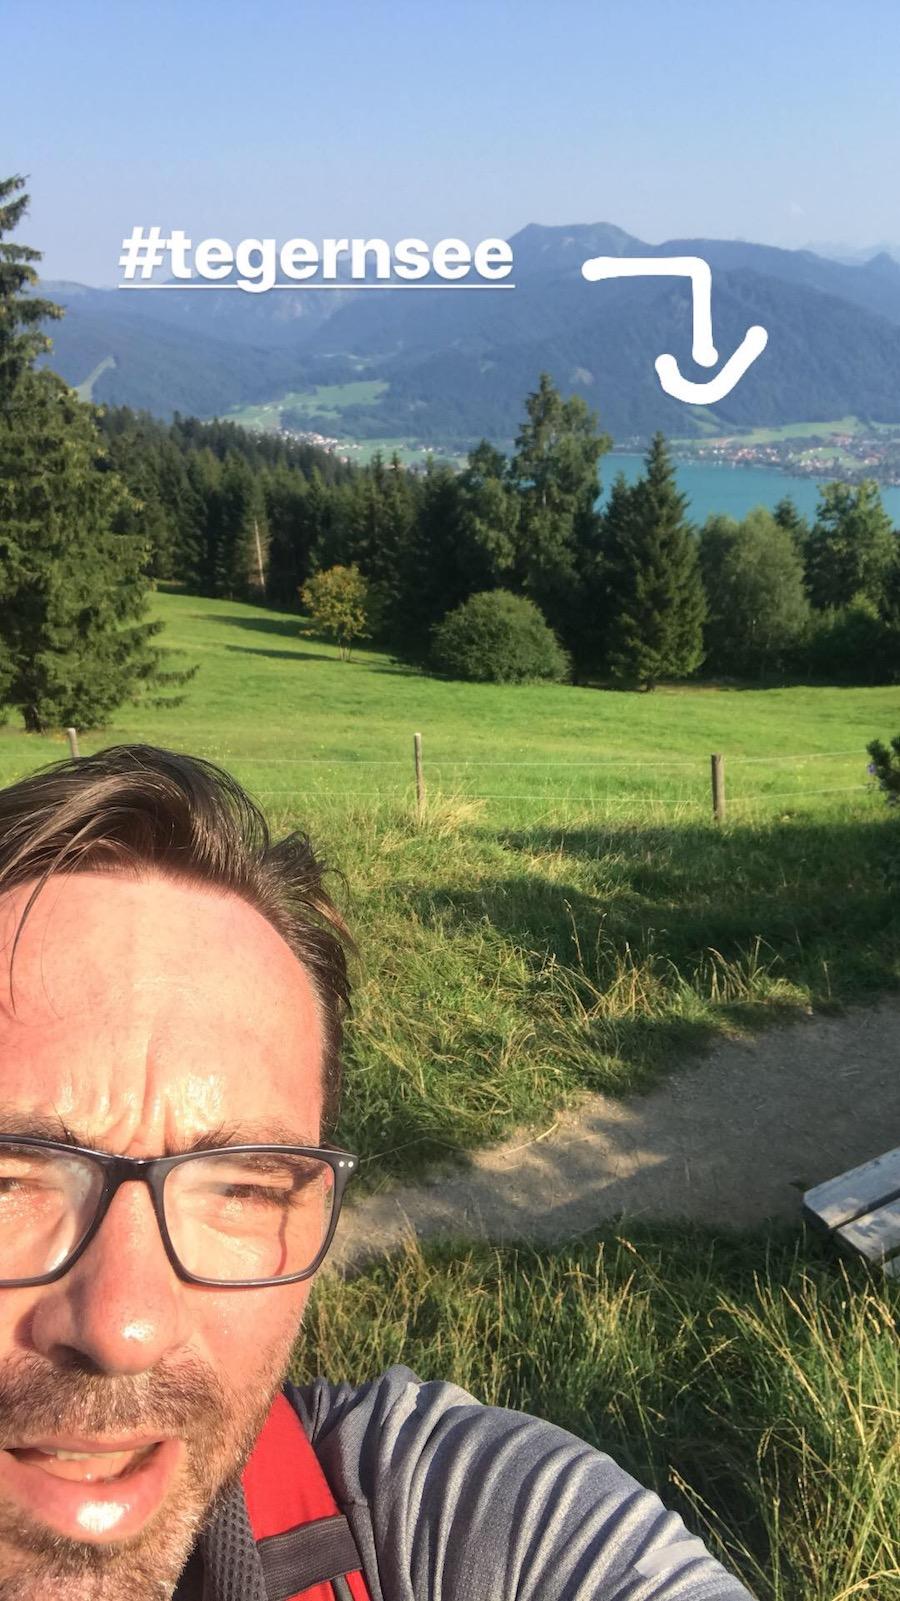 Selfie-Time mit #ganz-schön-verschwitzt-heibei (Bild ist aus meiner Insta-Story. Folgt mir da, drückt ein Däumchen und schreibt mir in den Comments, wie euch meine hohe Stirn gefällt!))